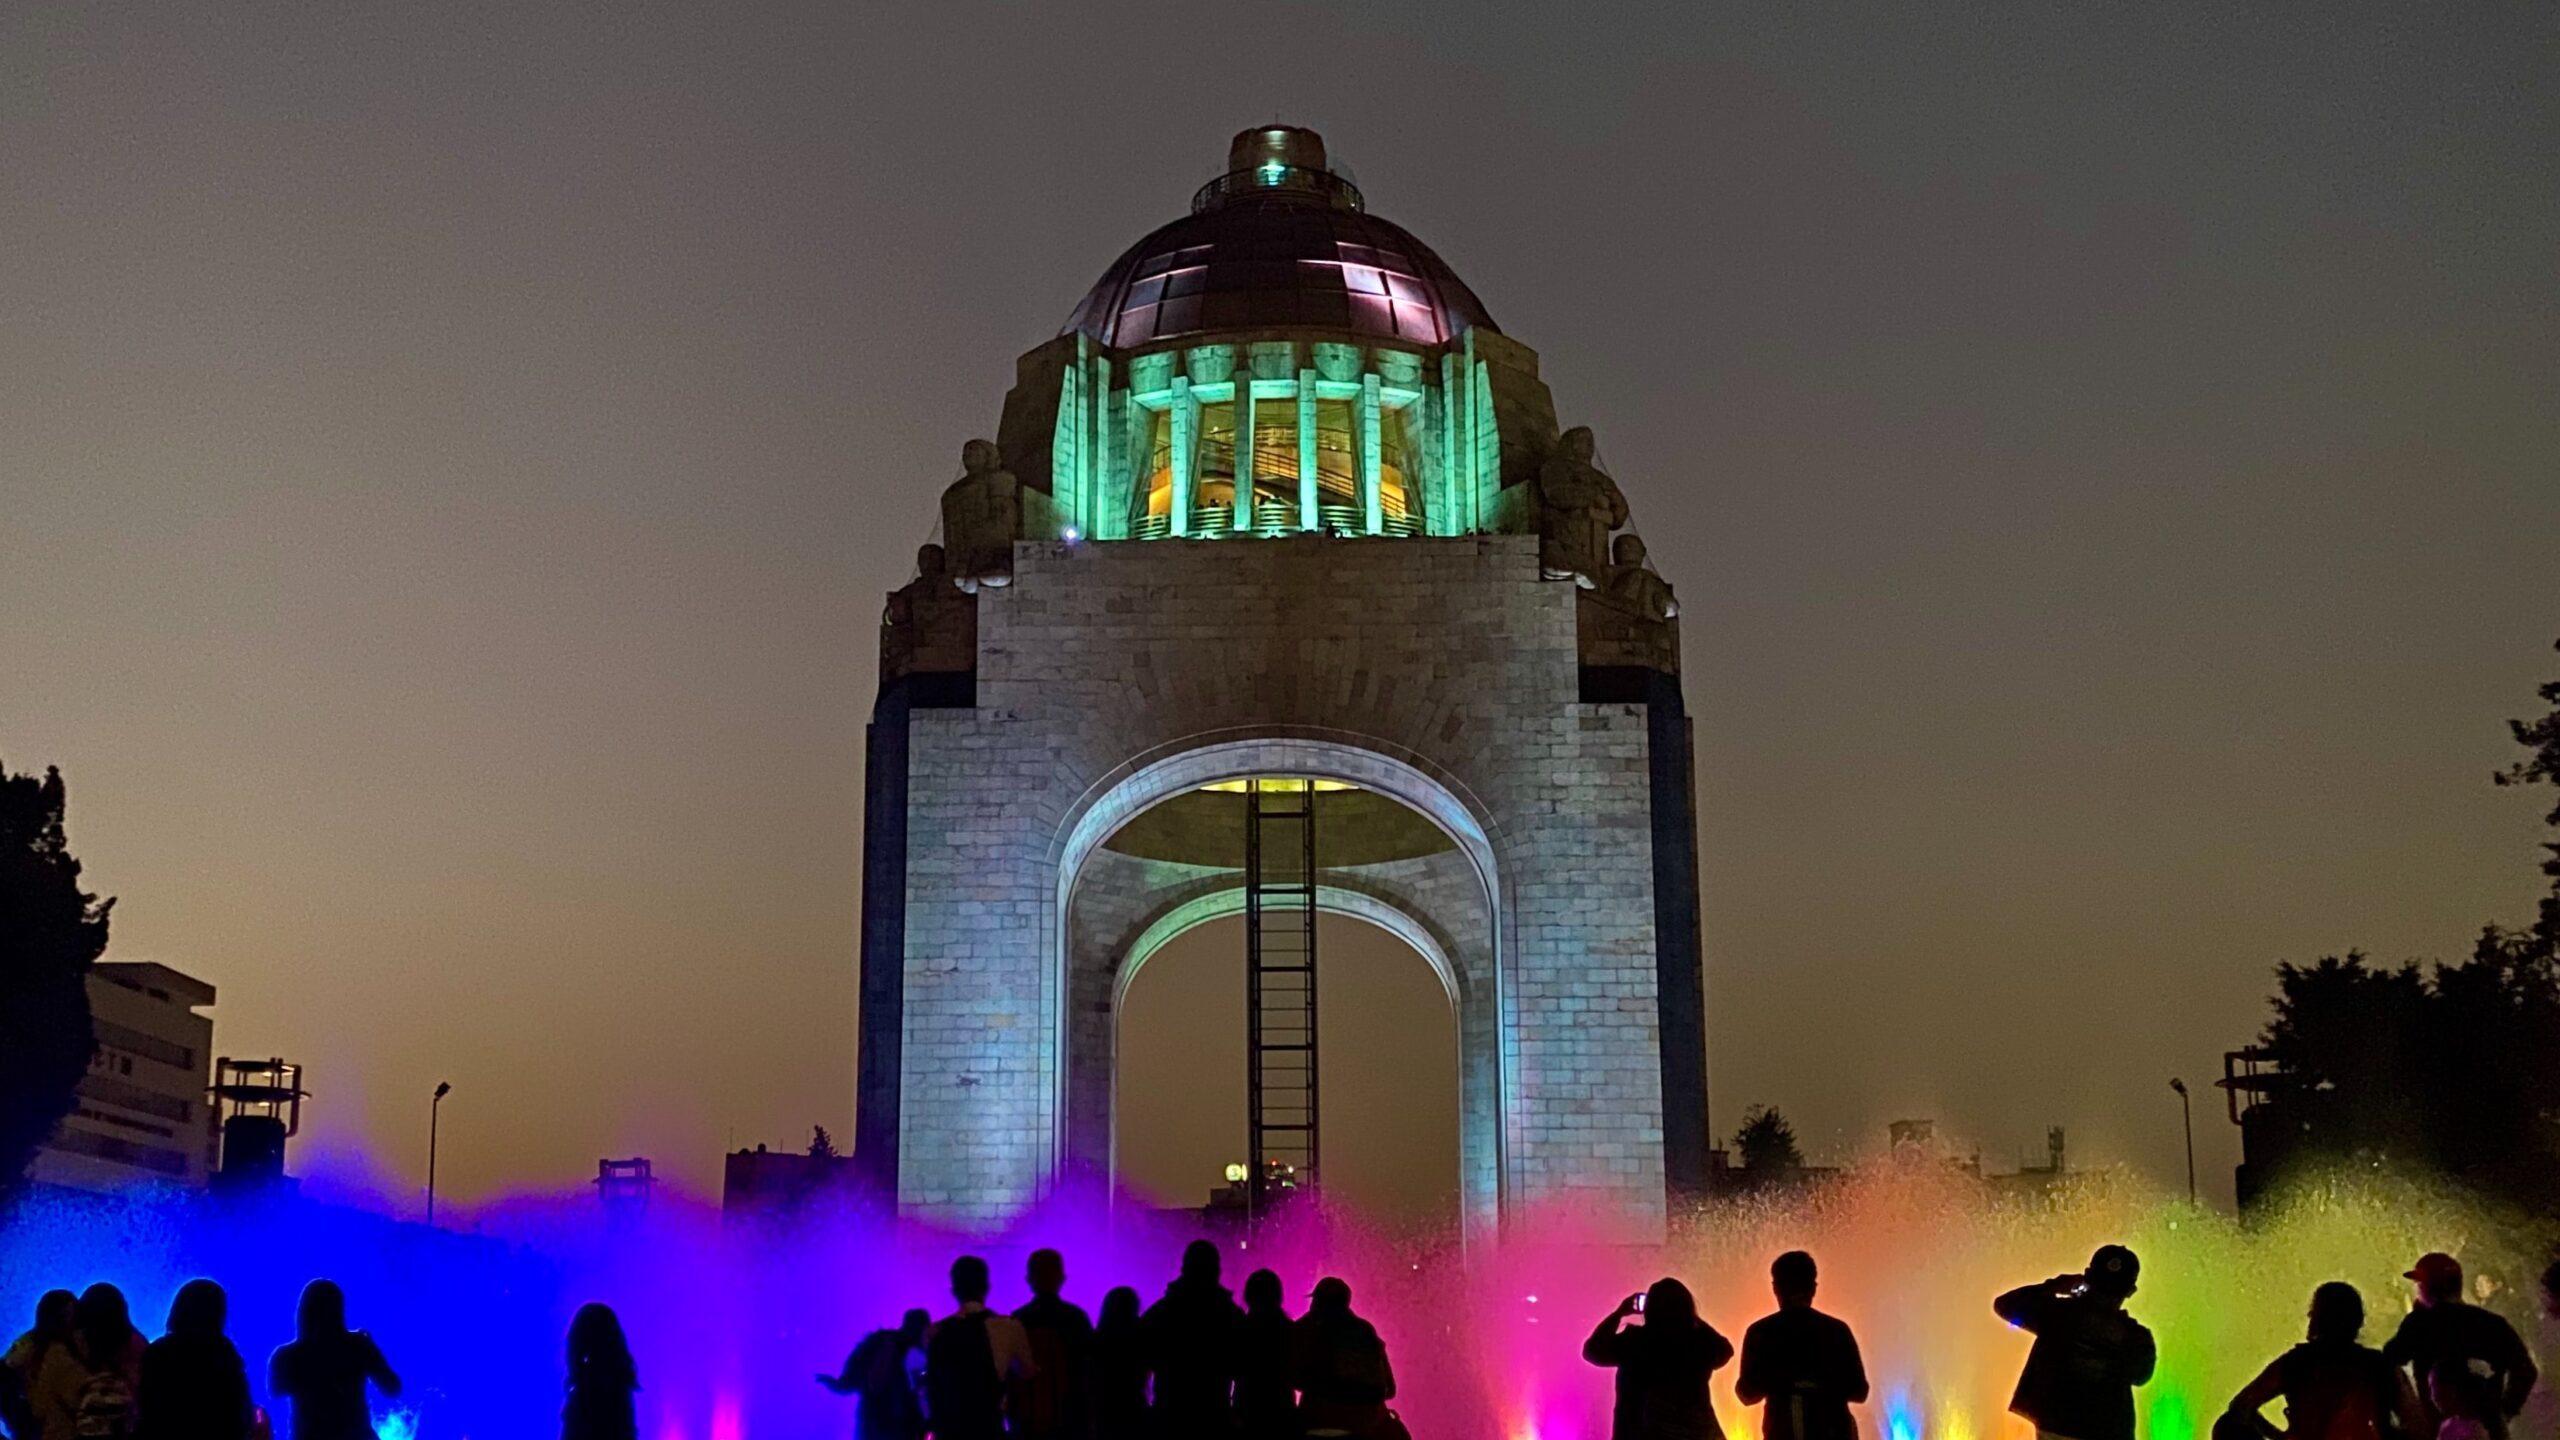 El monumento a la Revolución: Un plan que se adaptó a la situación